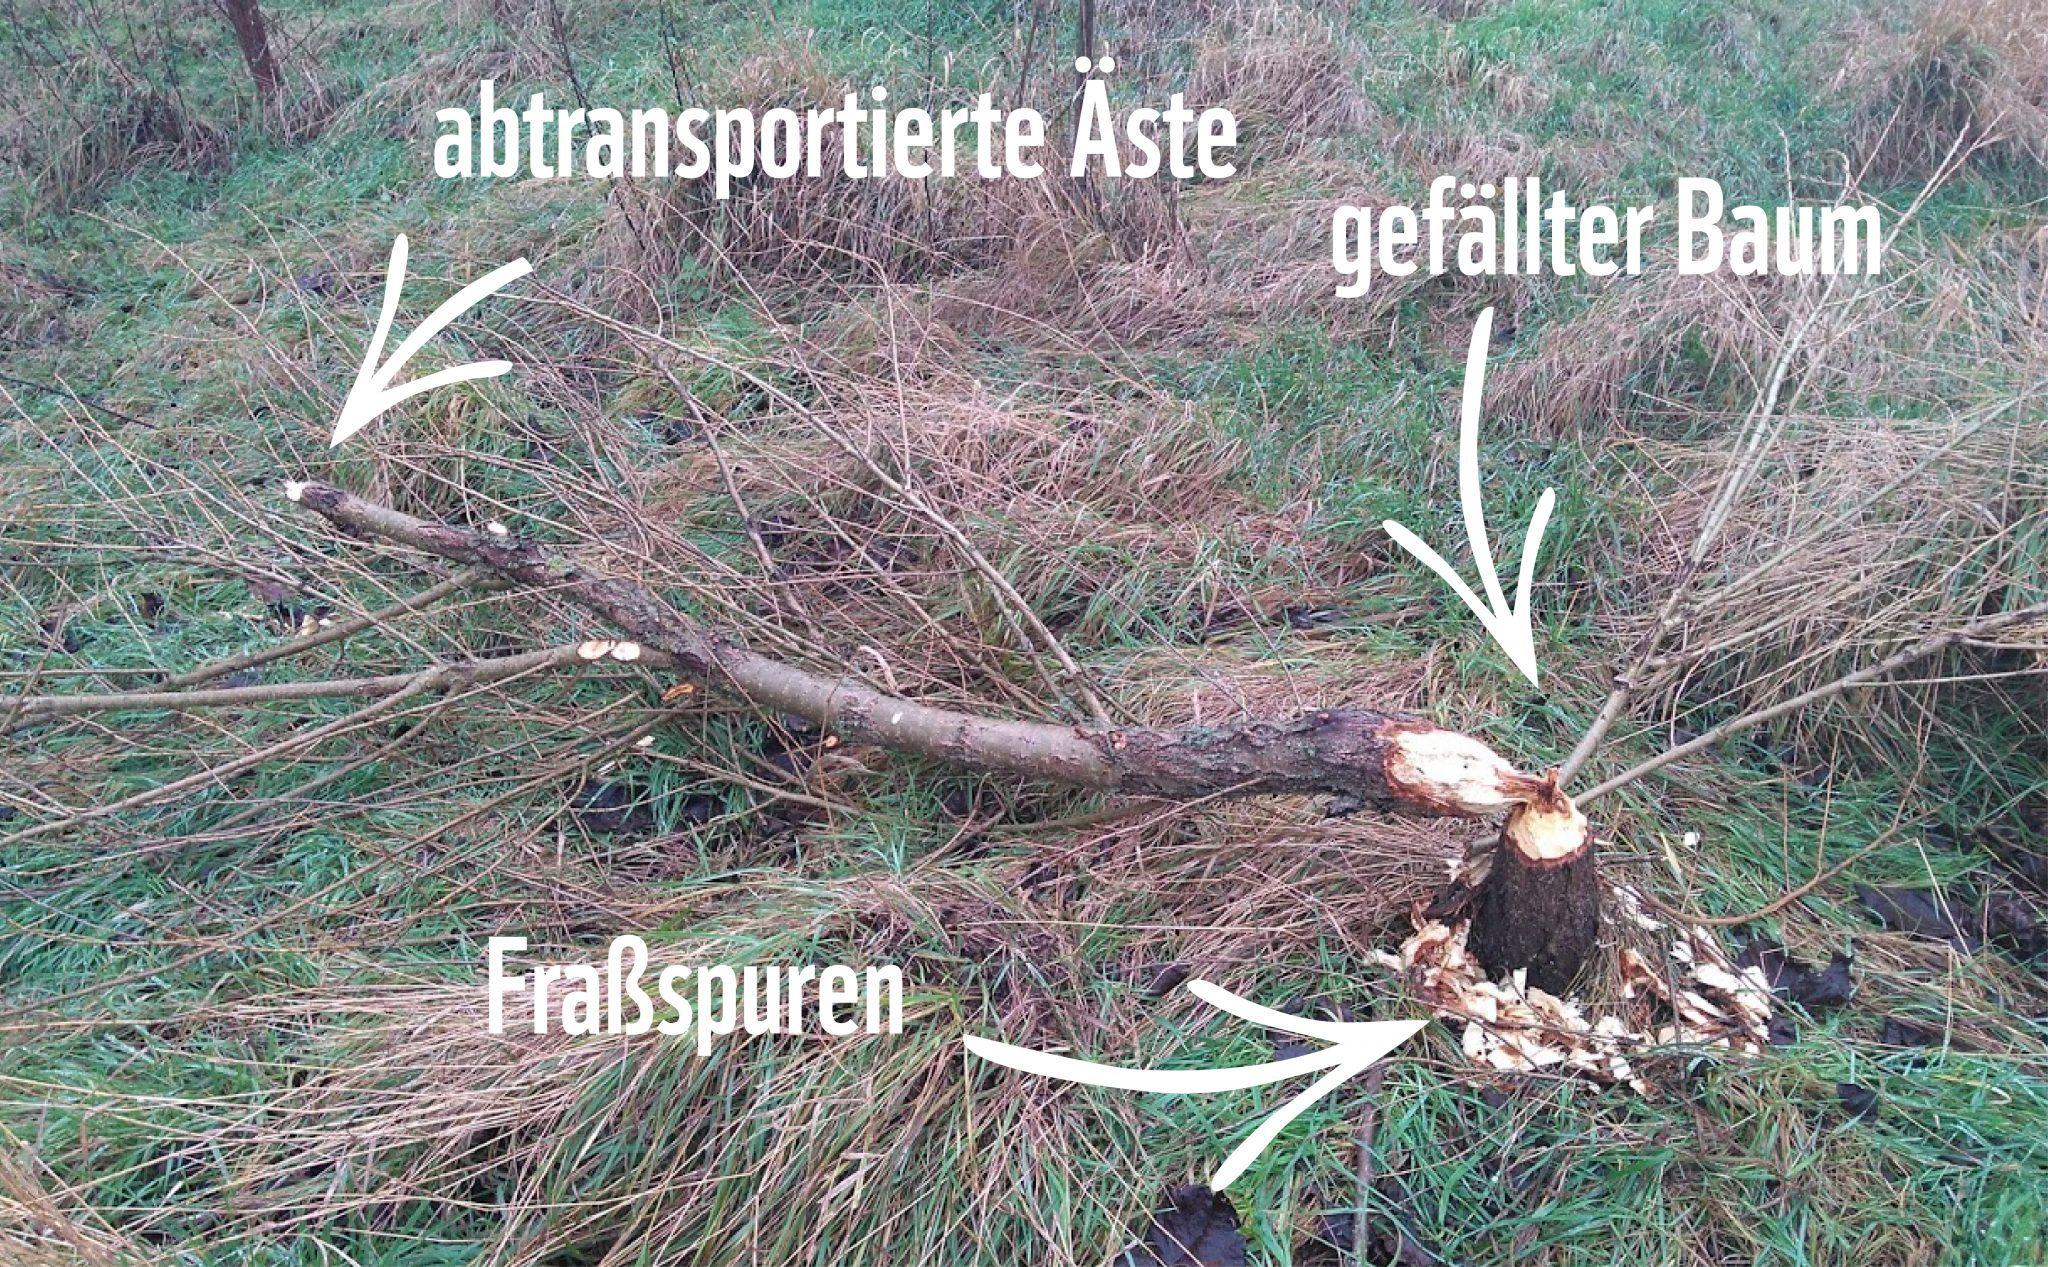 Ein von Bibern gefällter Baum mit deutlichen Fraßspuren © Anne Lewerentz / WWF